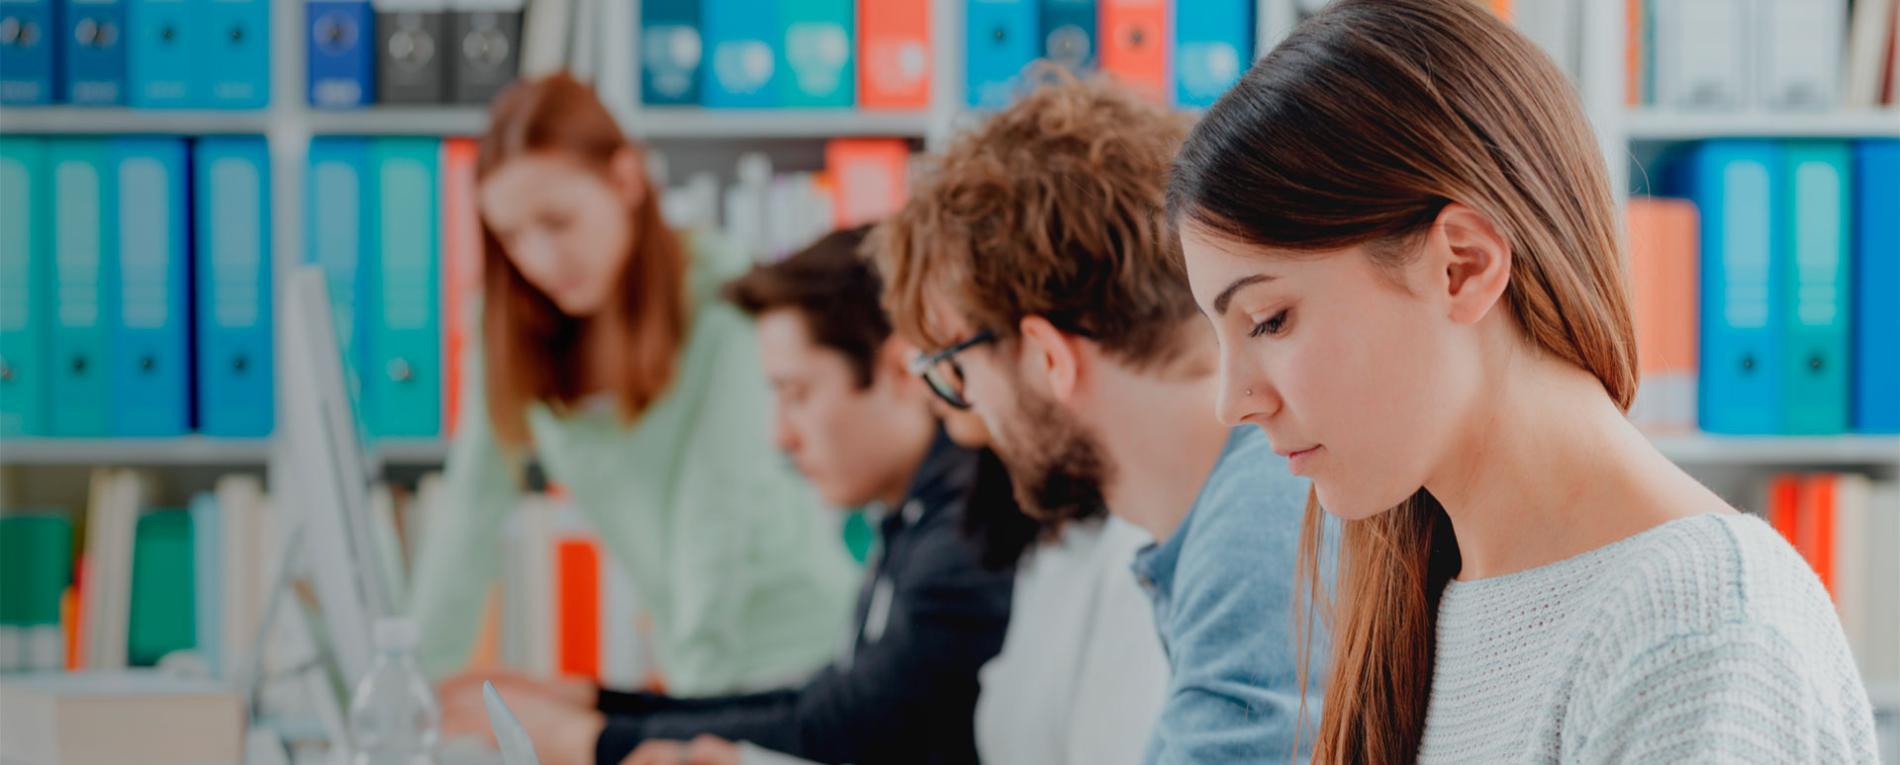 Estudiantes Foro de Postrgado Semana de la educación